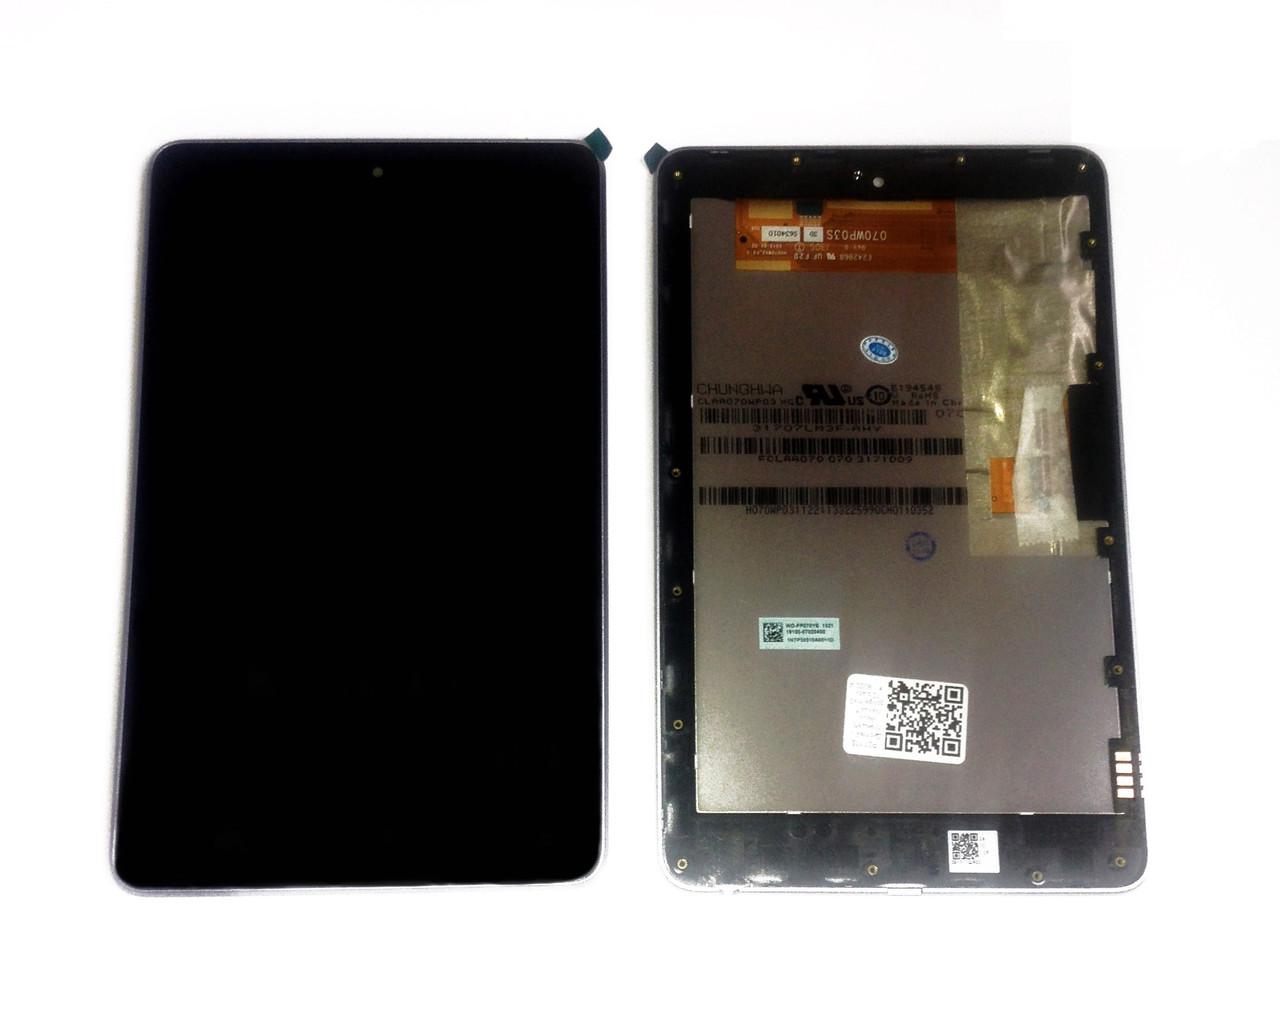 Дисплей (LCD) планшет Asus Nexus 7 google | me370 с тачскрином, чёрный ориг. к-во с рамкой (2012) (WIFI)